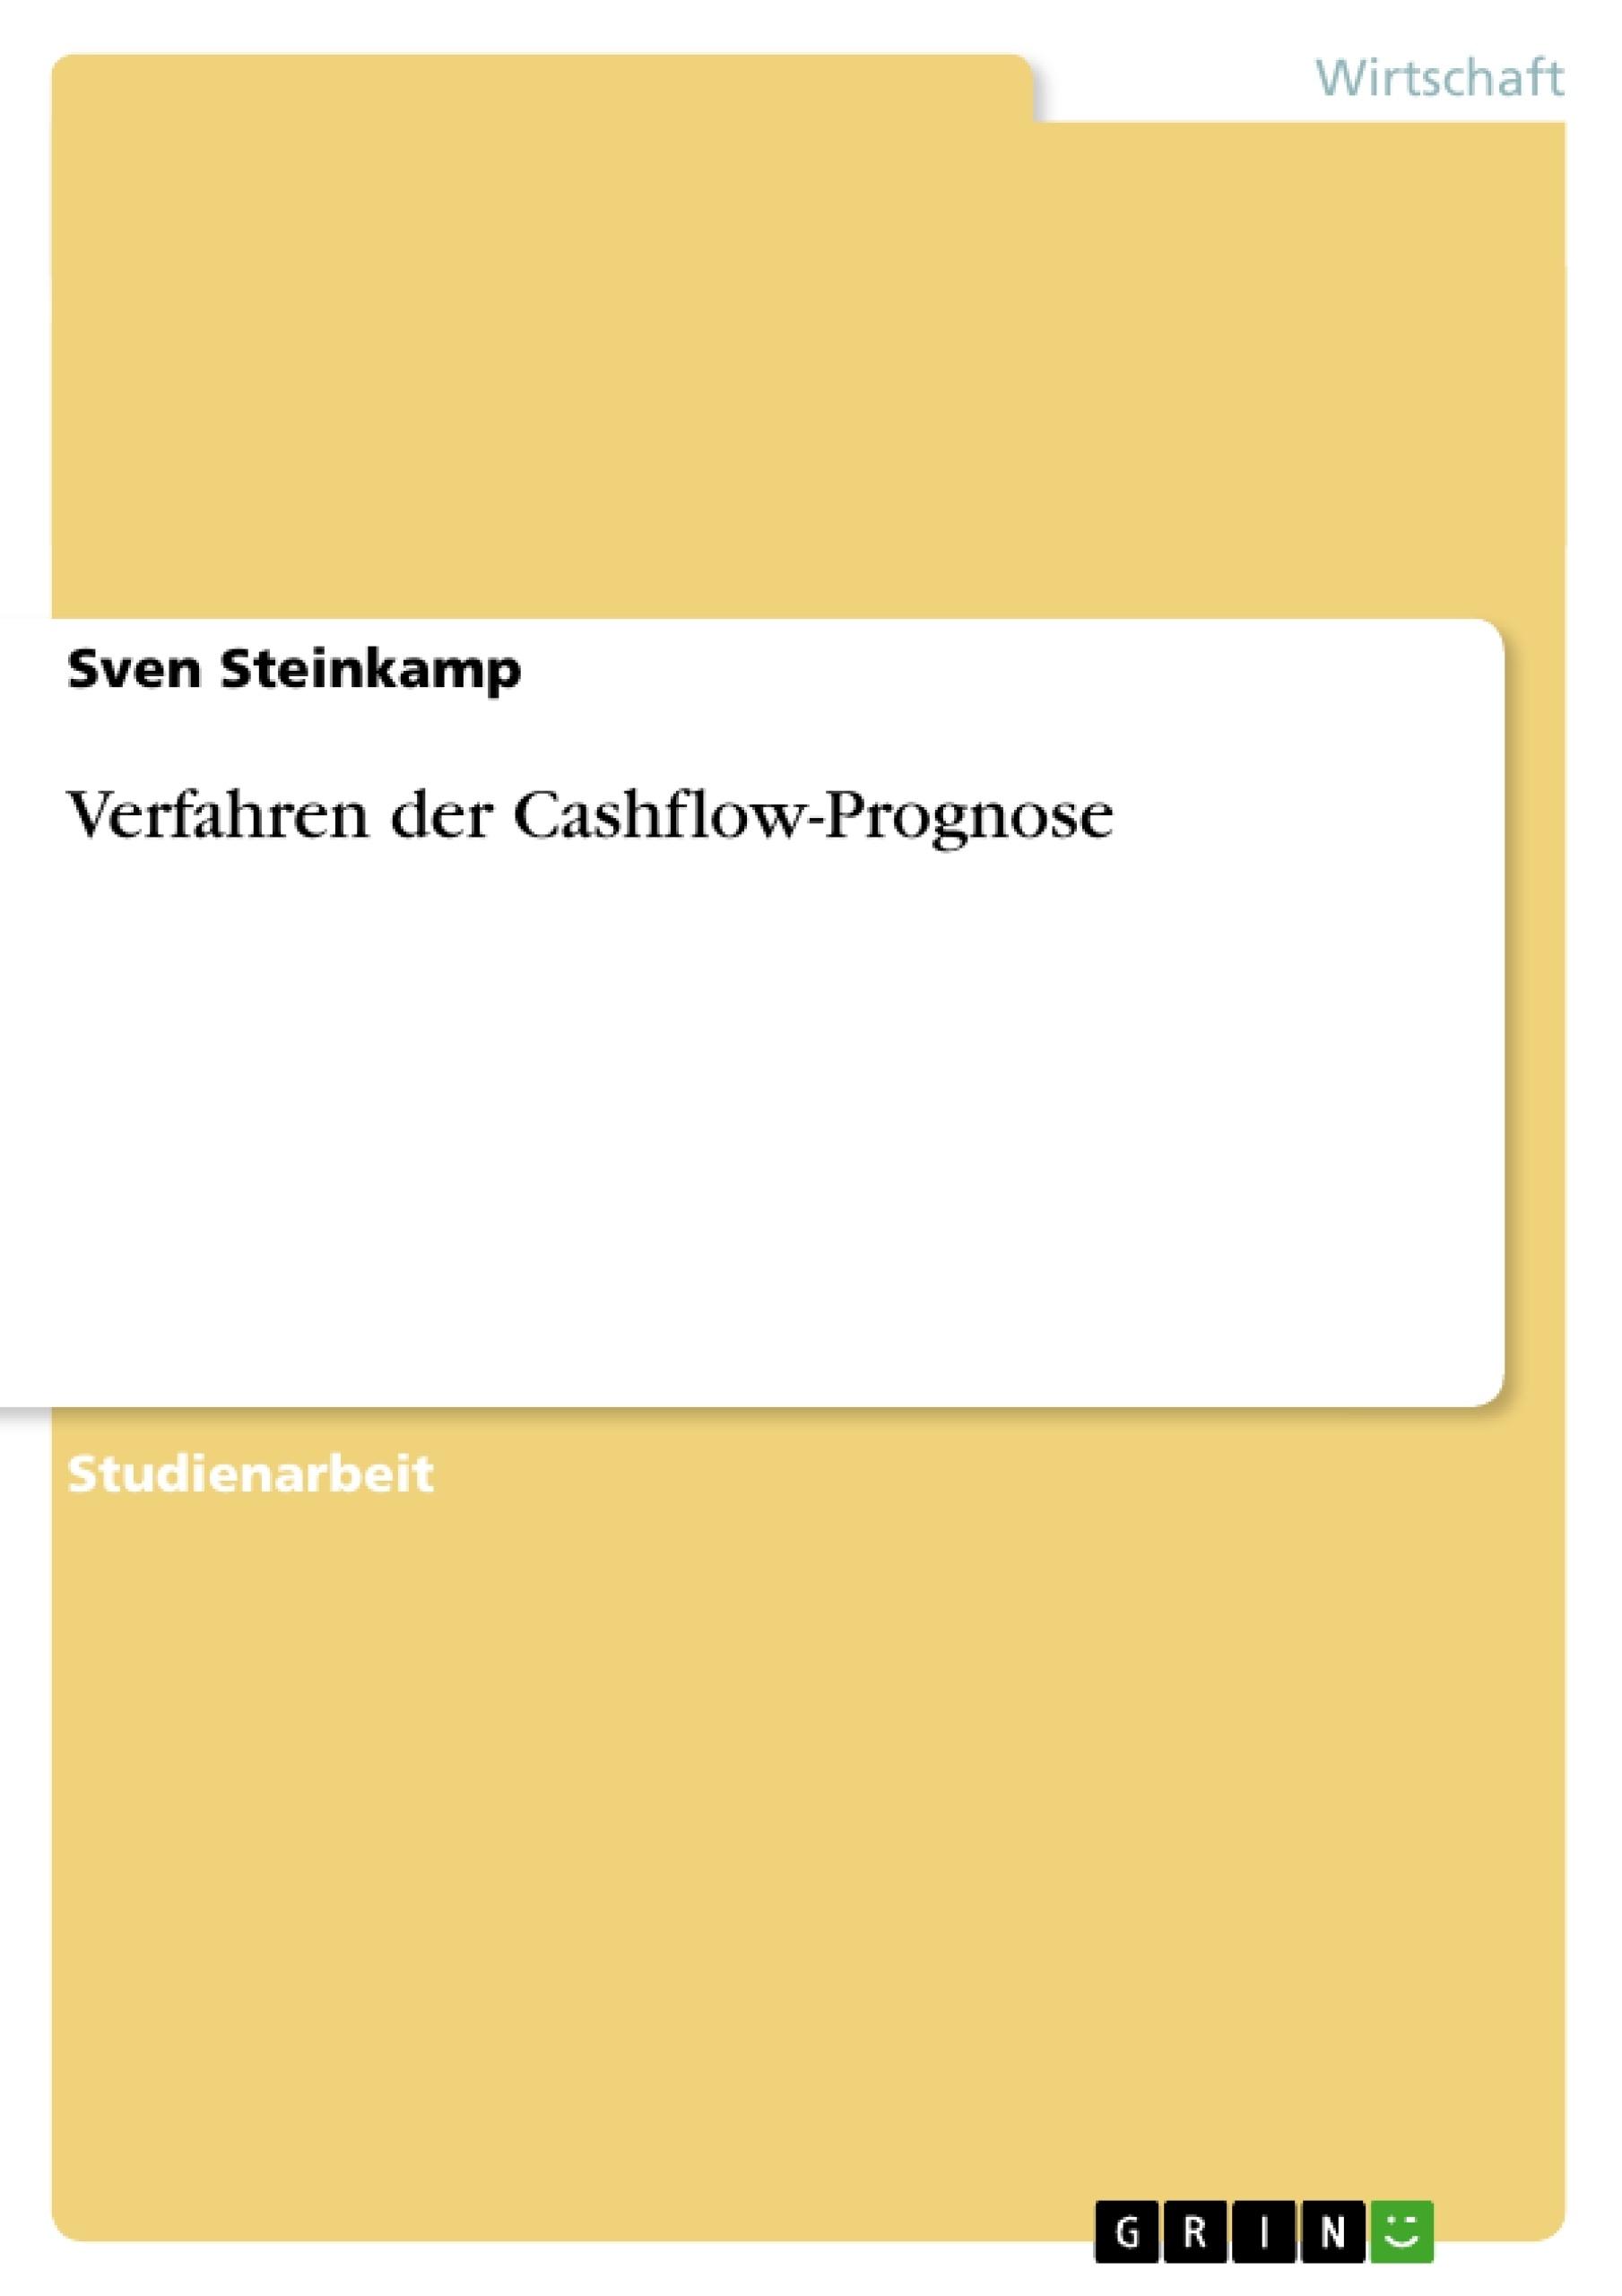 Titel: Verfahren der Cashflow-Prognose